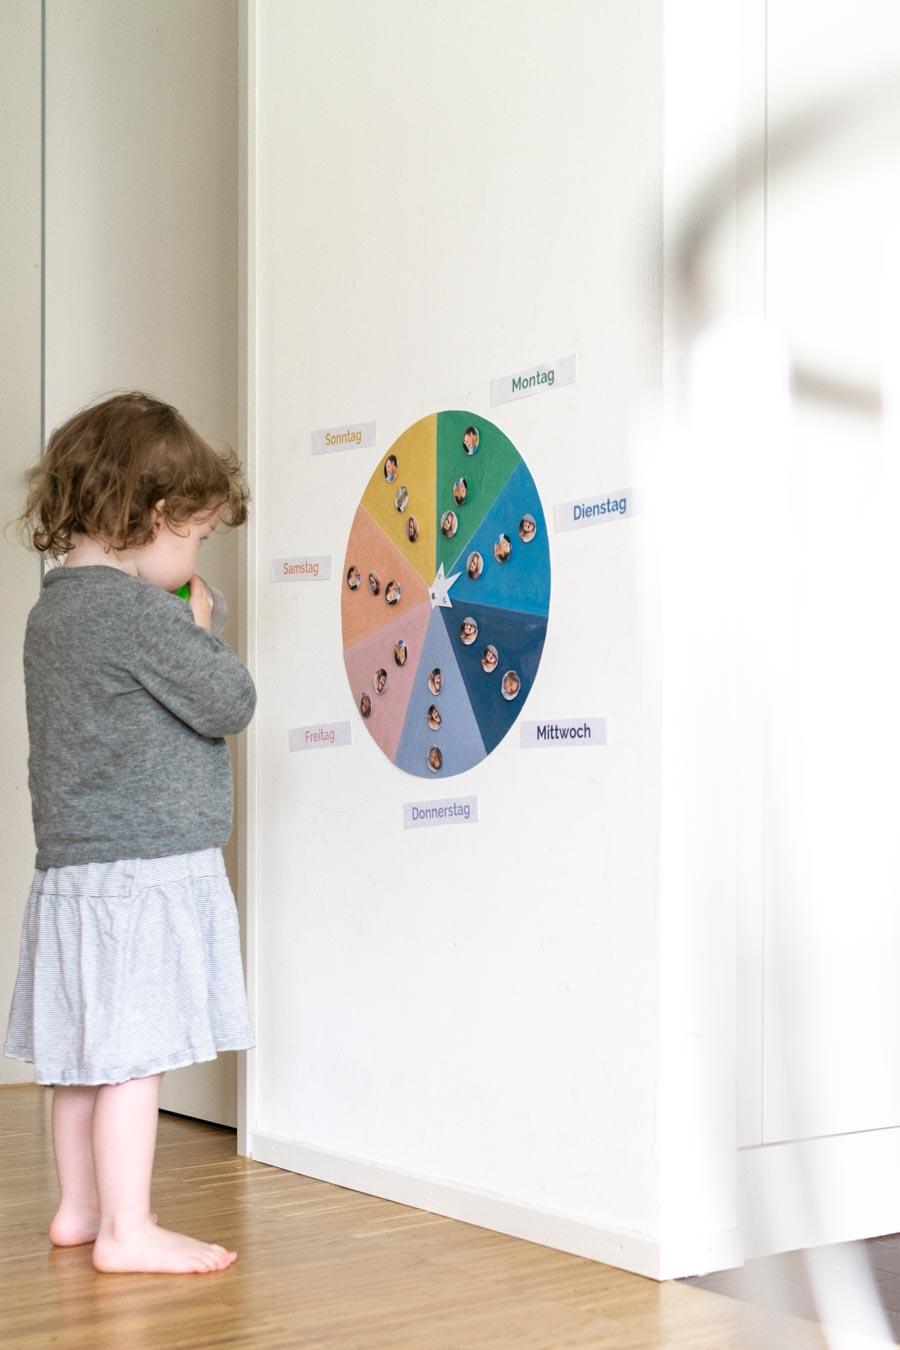 Ein Kleinkind steht vor einem Wochenplan, der an der Wand angebracht ist